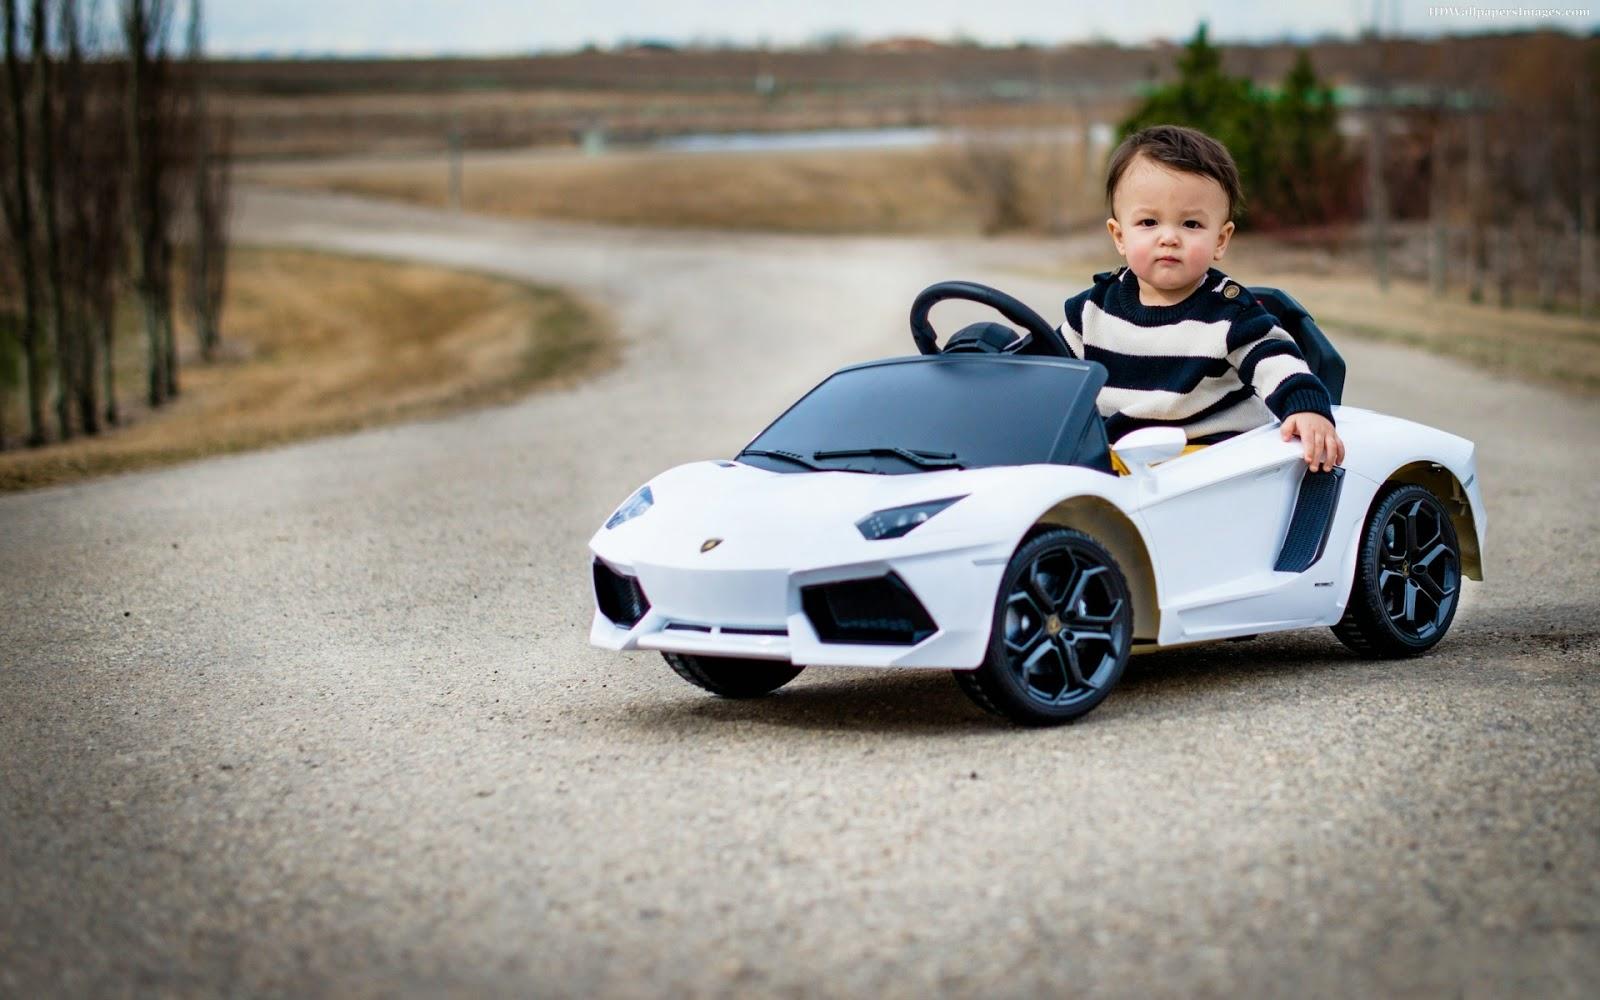 Смешные детские картинки с машиной